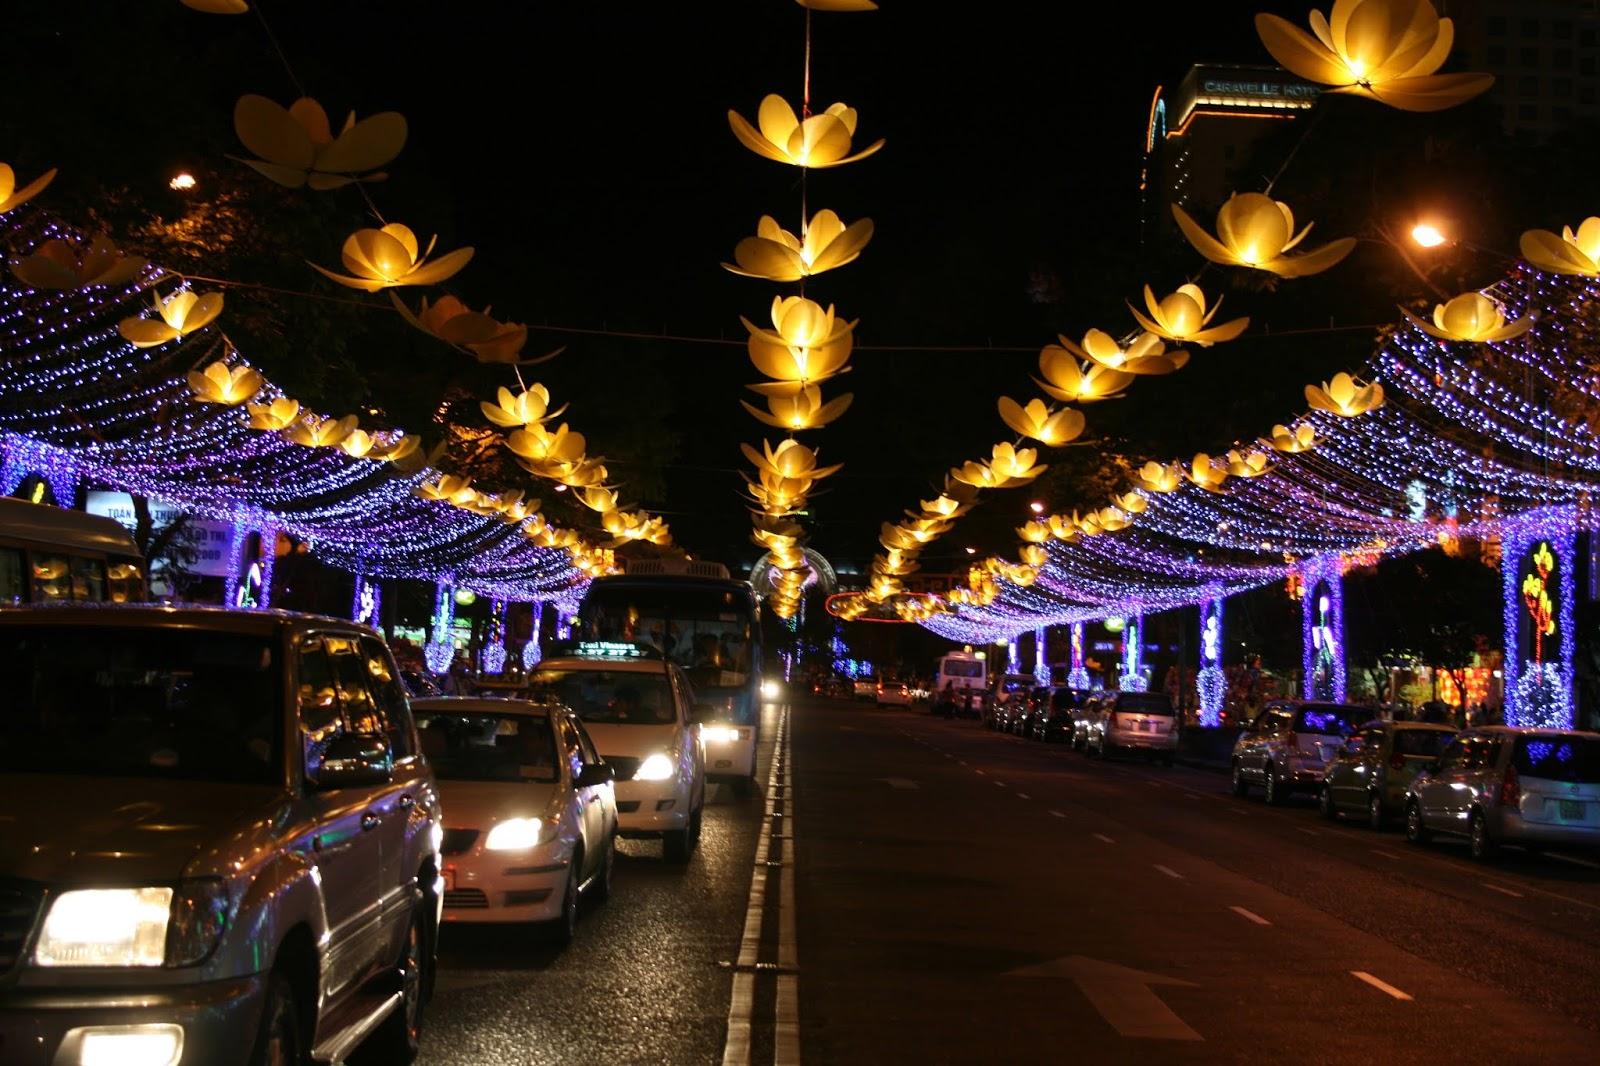 Çin Yılbaşısı Süslemeleri - Ho Chi Minh City